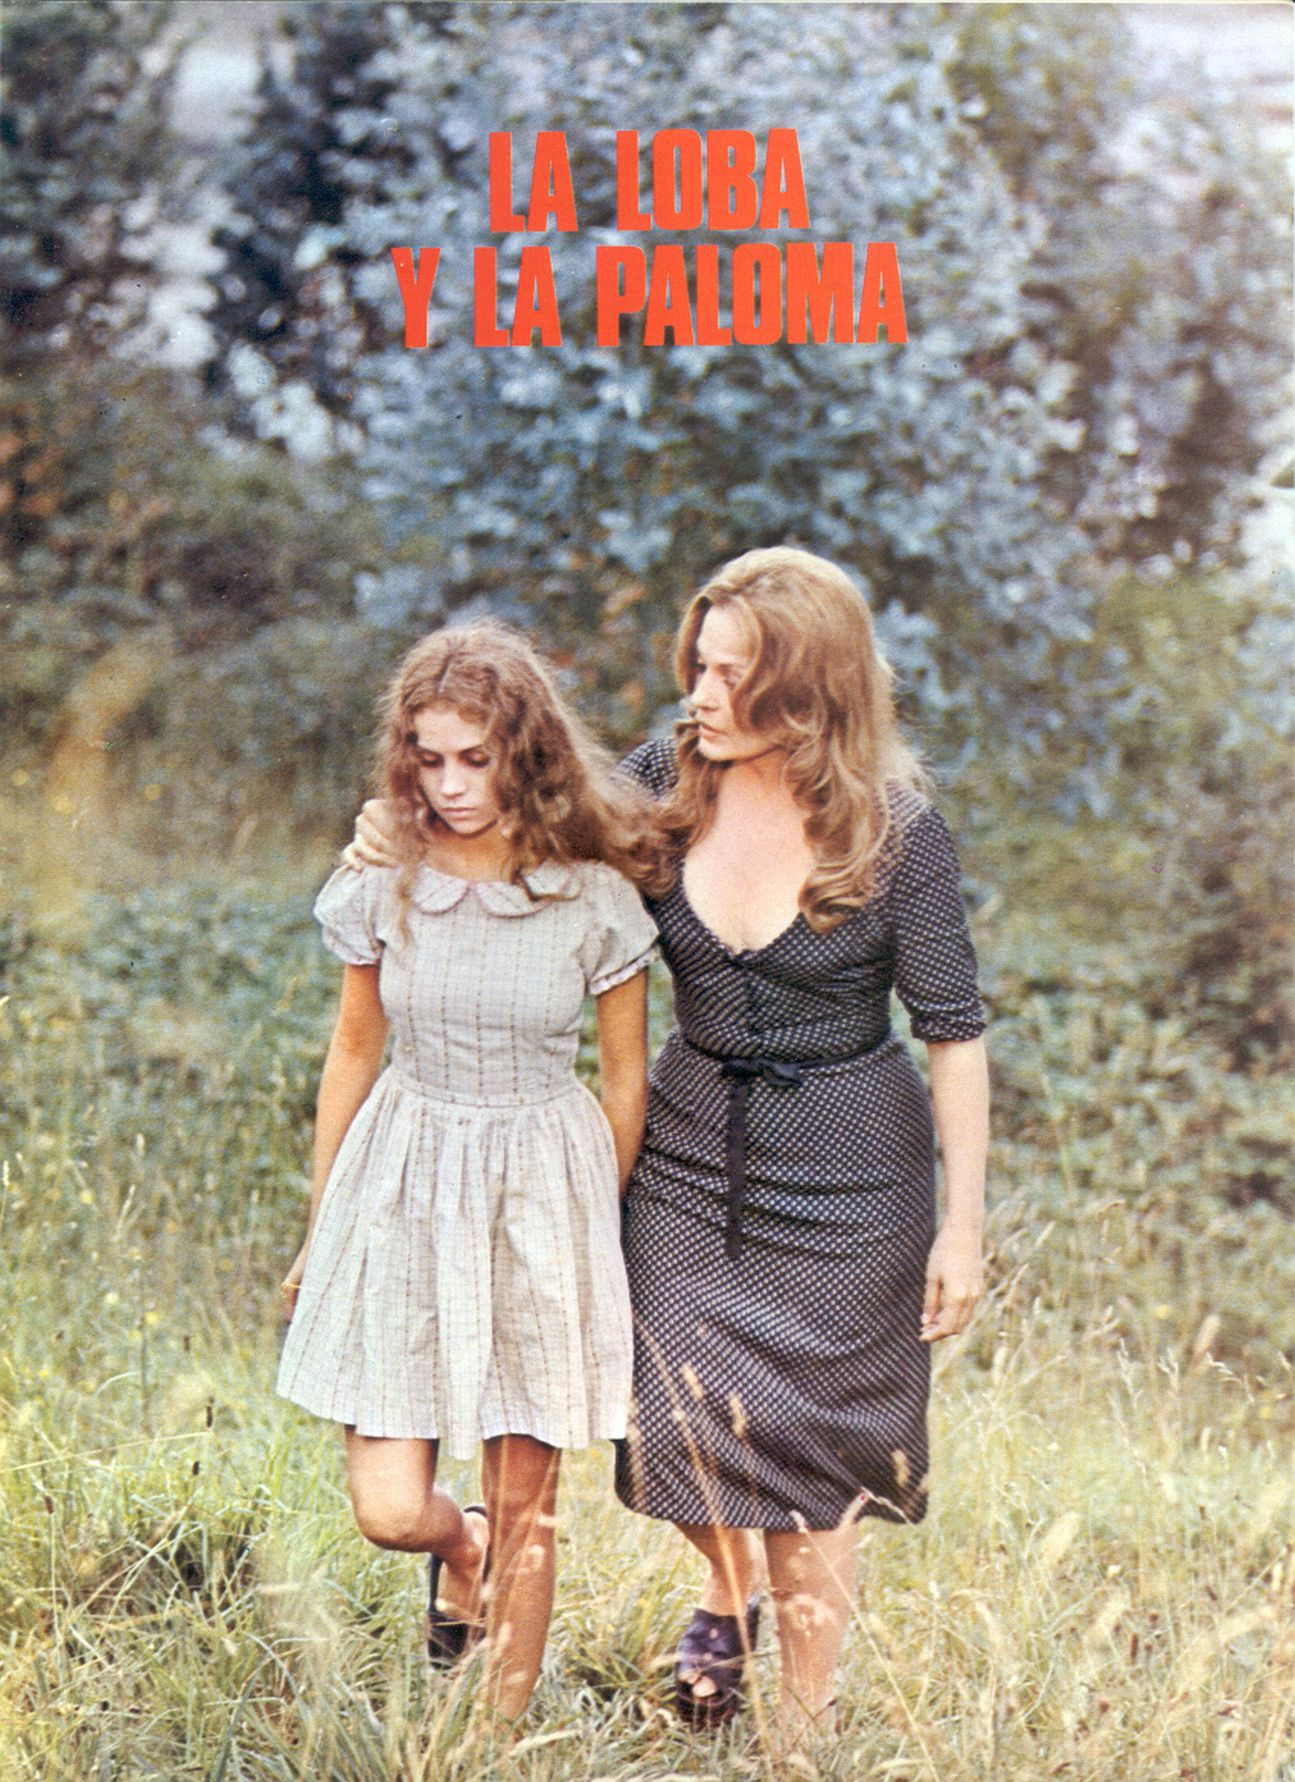 Una Pagina de Cine 1974 La loba y la paloma (esp) 02.jpg: http://www.c1n3.org/s/suarez01g/Images/20.html